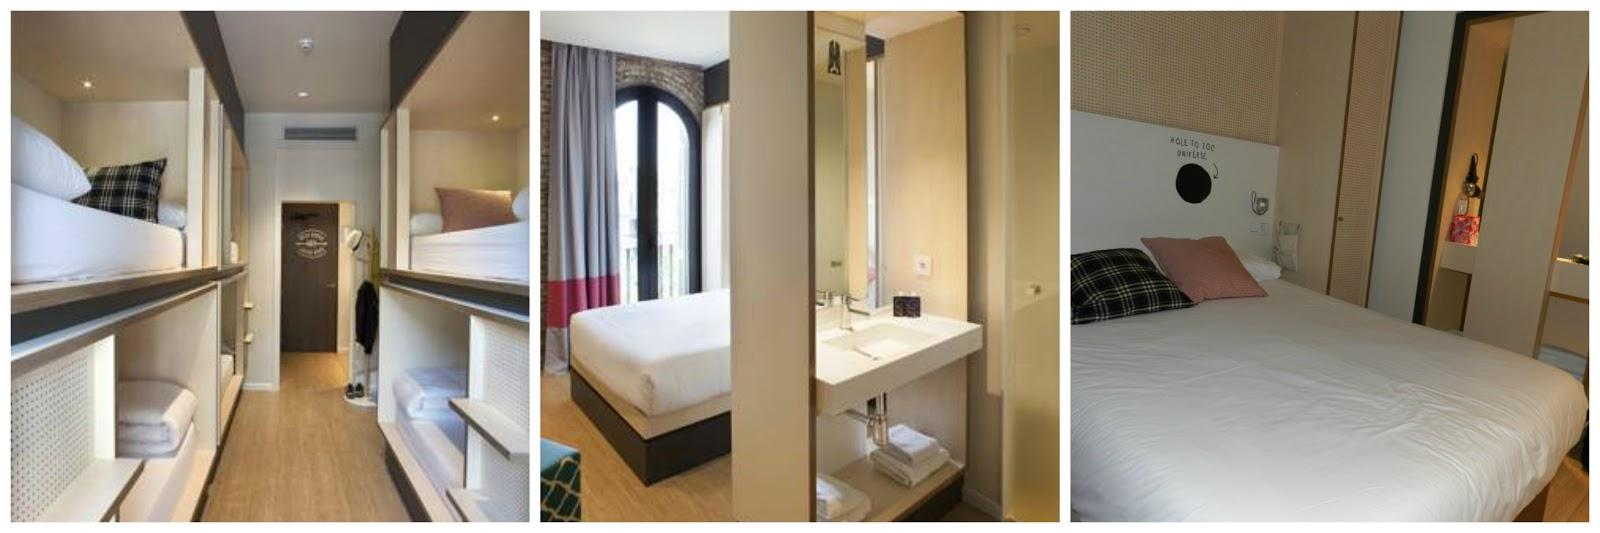 T indo pra onde onde ficar em barcelona toc hostel barcelona - Toc toc barcelona ...